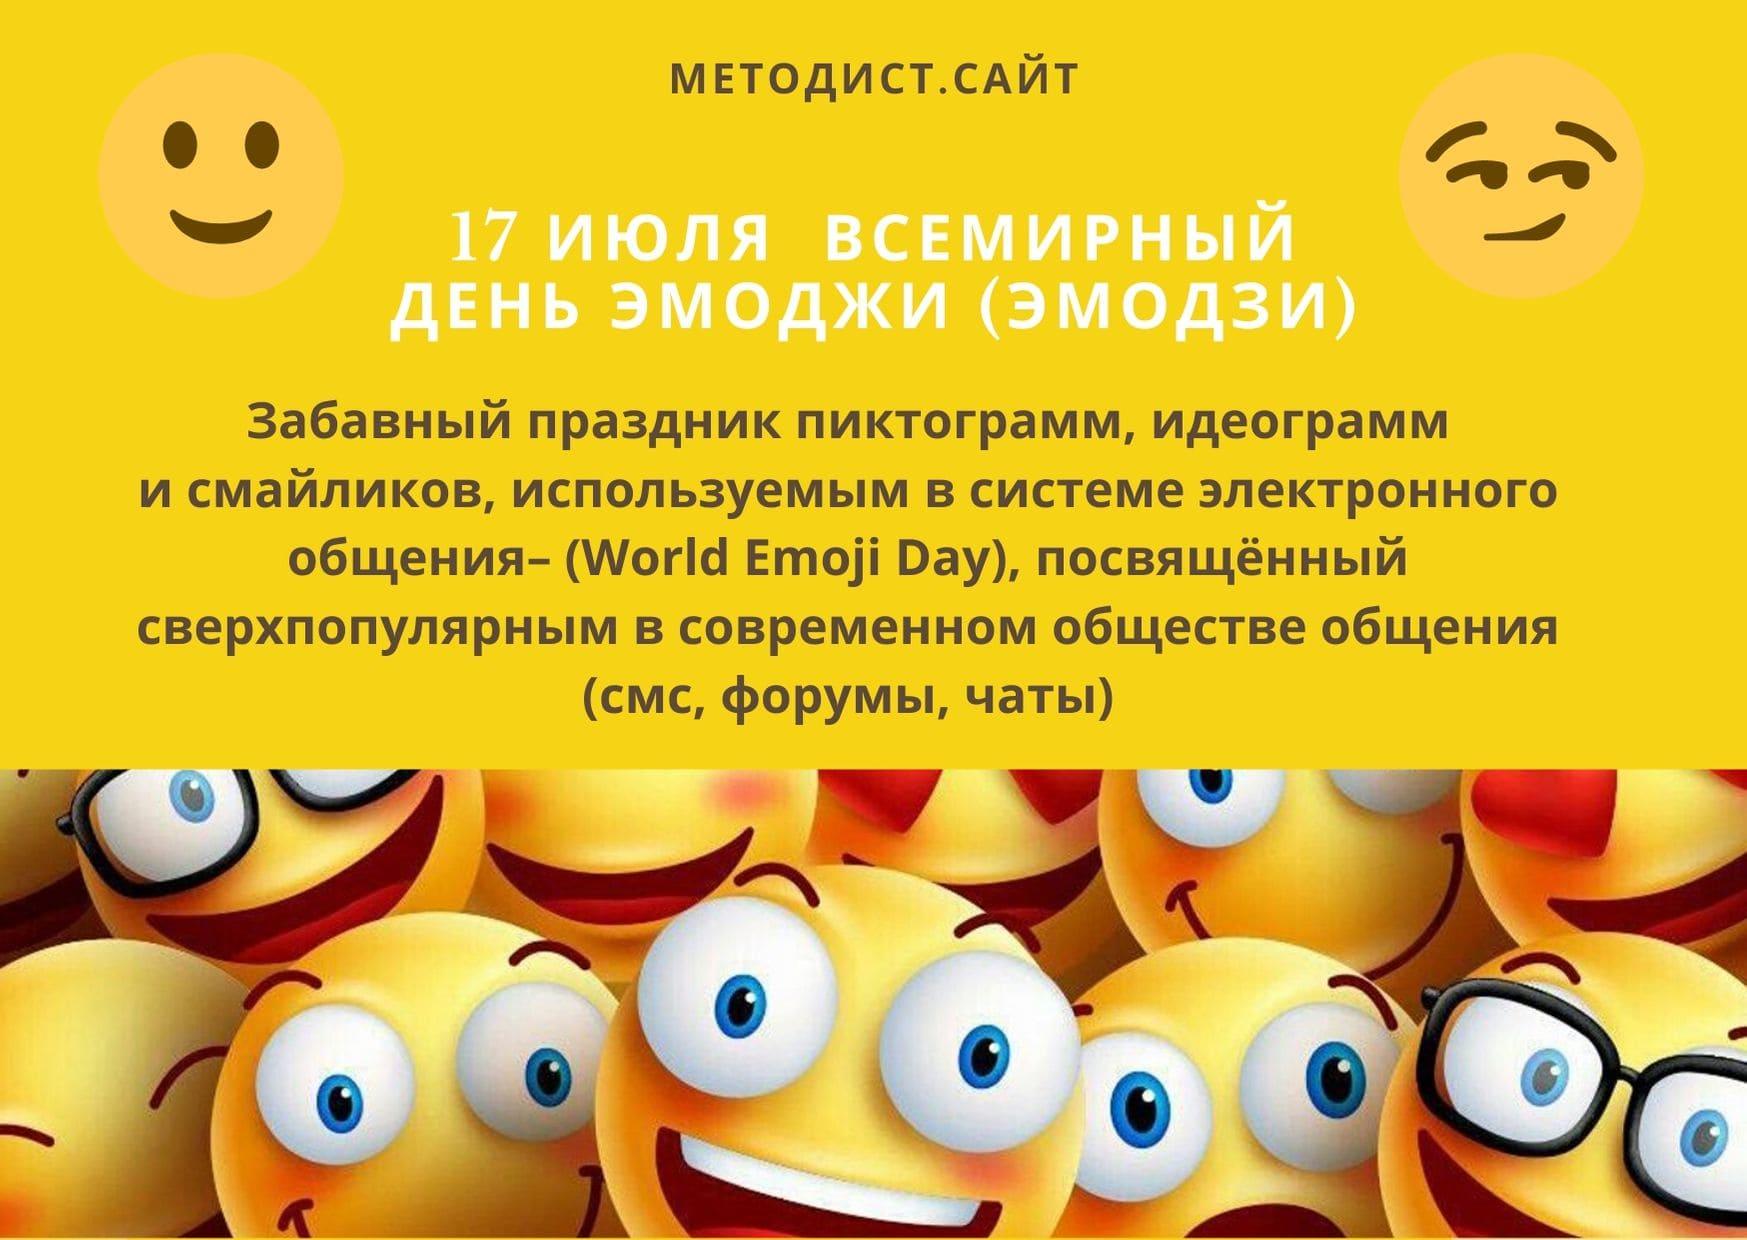 Всемирный день эмоджи (эмодзи) - 17 июля